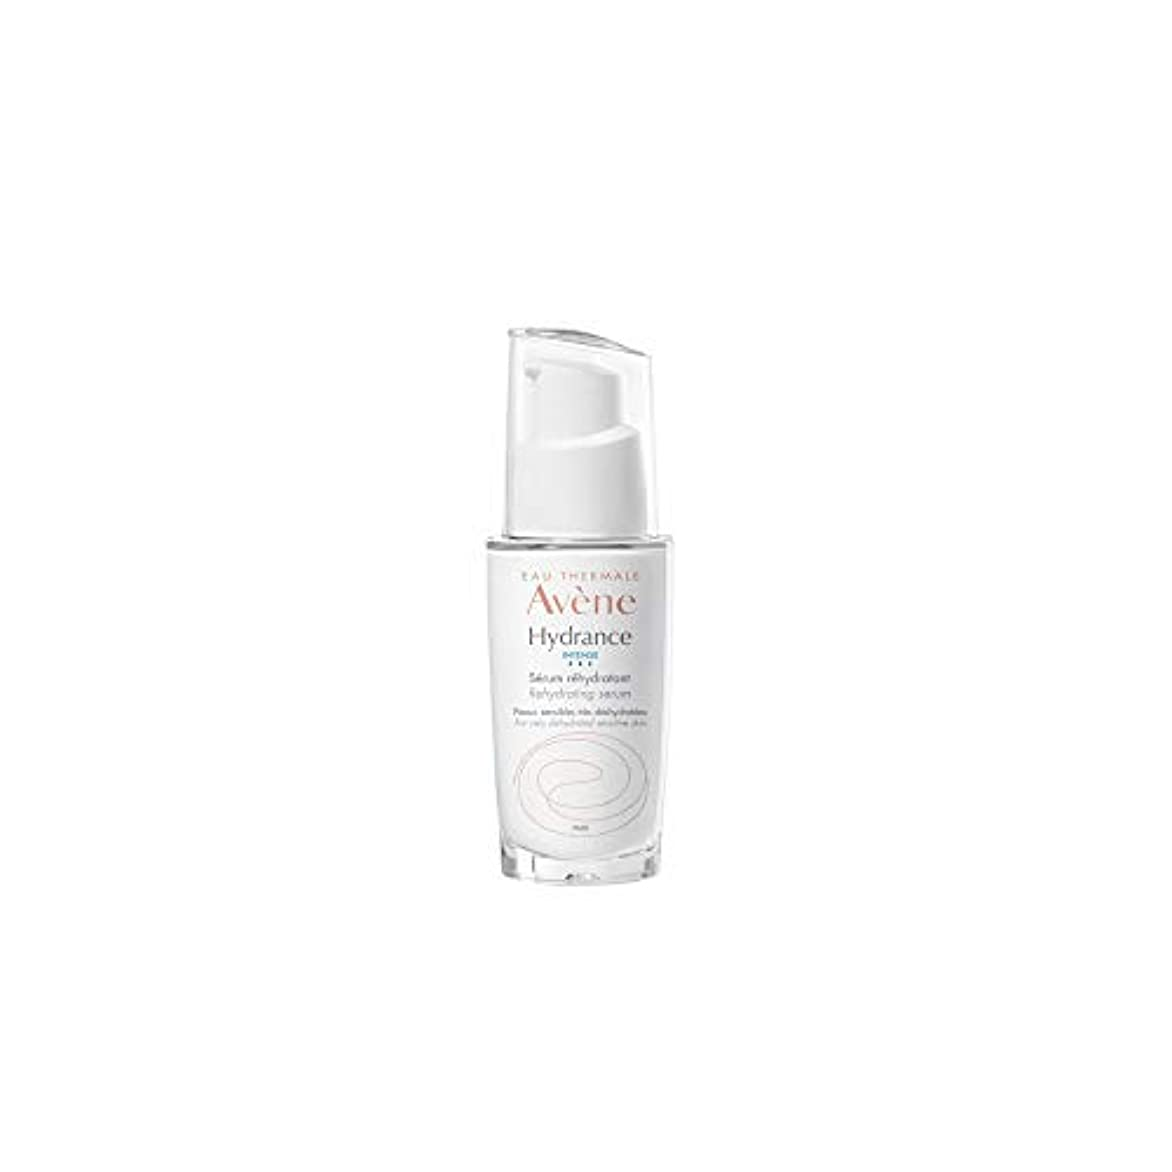 接辞皮肉な考古学者アベンヌ Hydrance Intense Rehydrating Serum - For Very Dehydrated Sensitive Skin 30ml/1oz並行輸入品